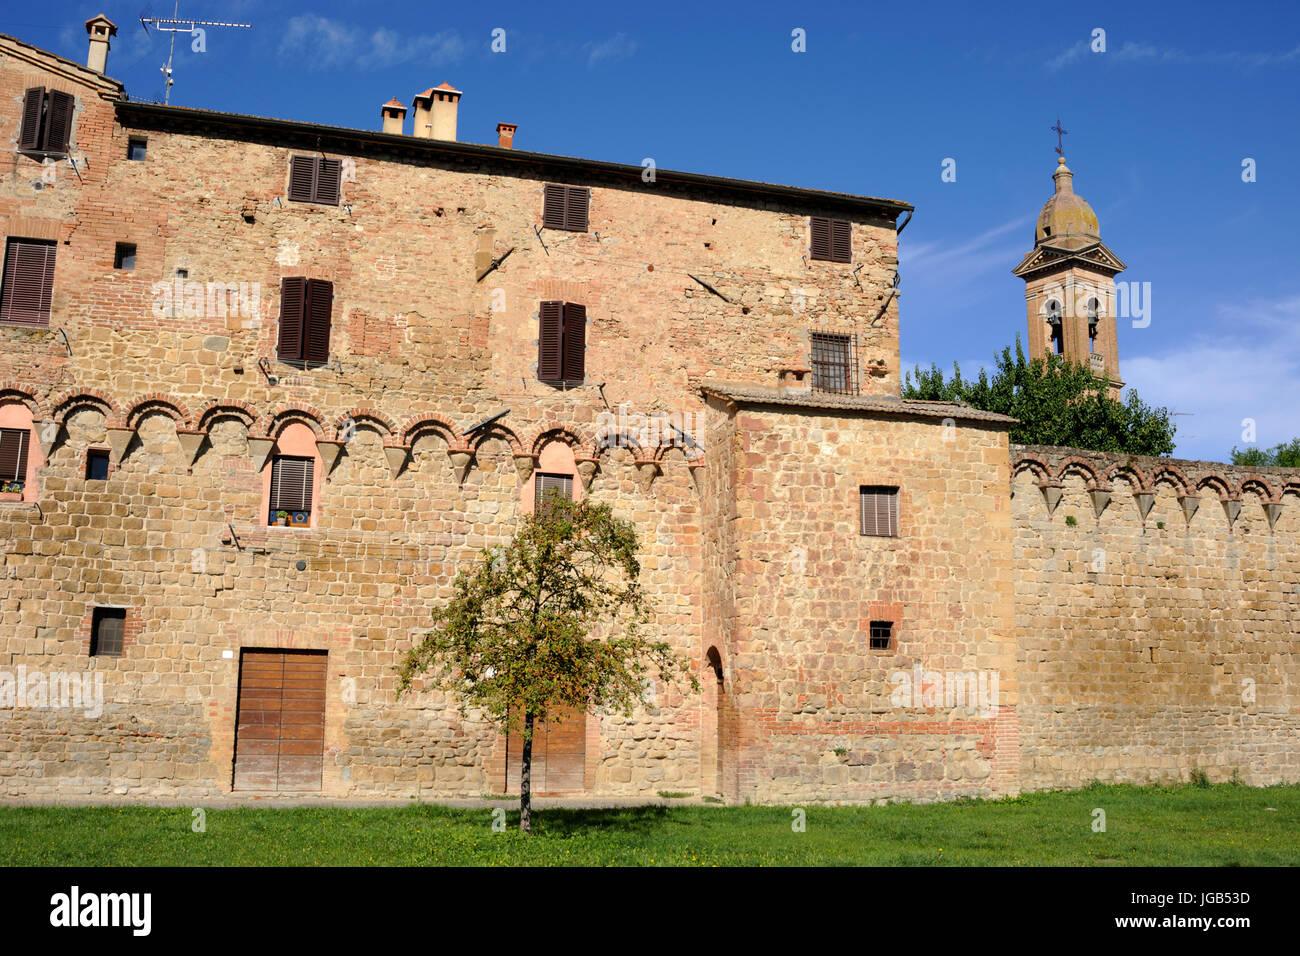 italy, tuscany, buonconvento, walls - Stock Image